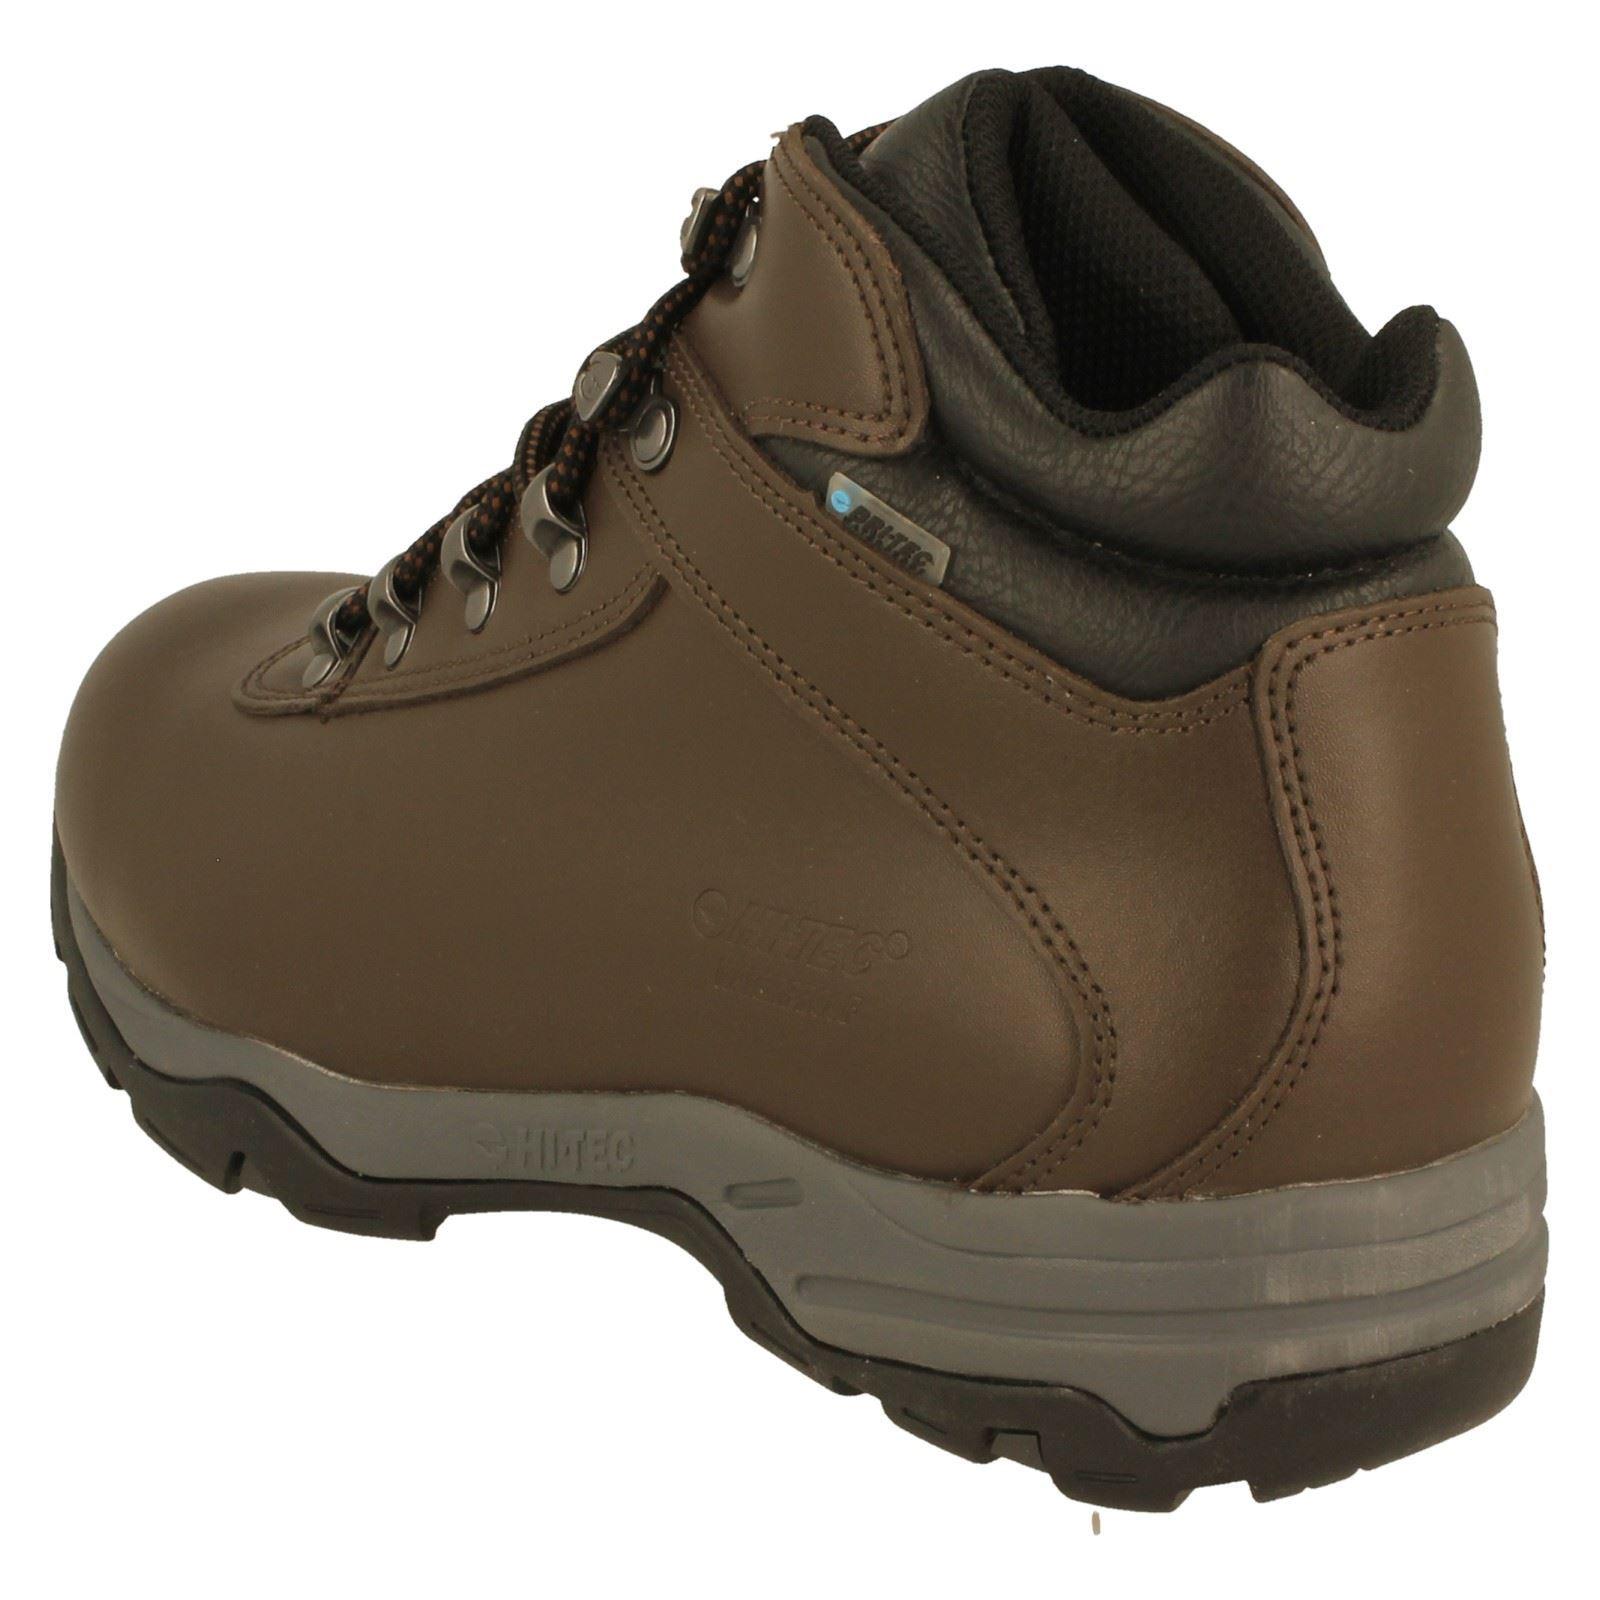 0fb0ab83e00 Details about Men's Hi-Tec Walking Boots 'Eurotrek III WP'